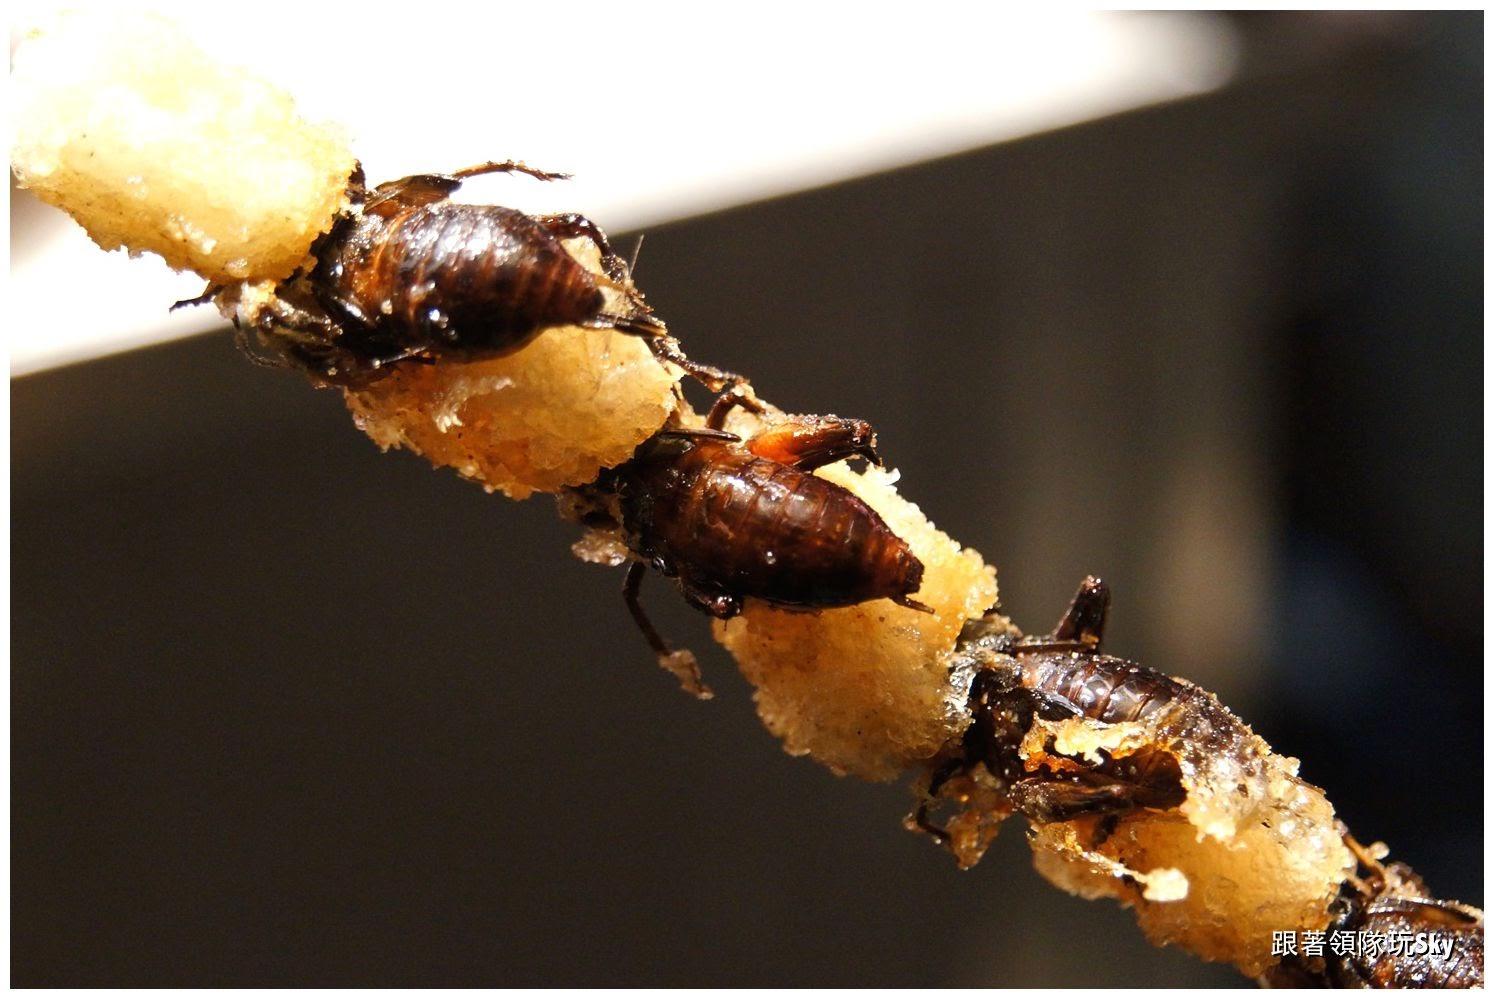 台南美食推薦【蟋世珍寶炸蟋蟀】高鈣、高蛋白的炸蟋蟀.花園夜市